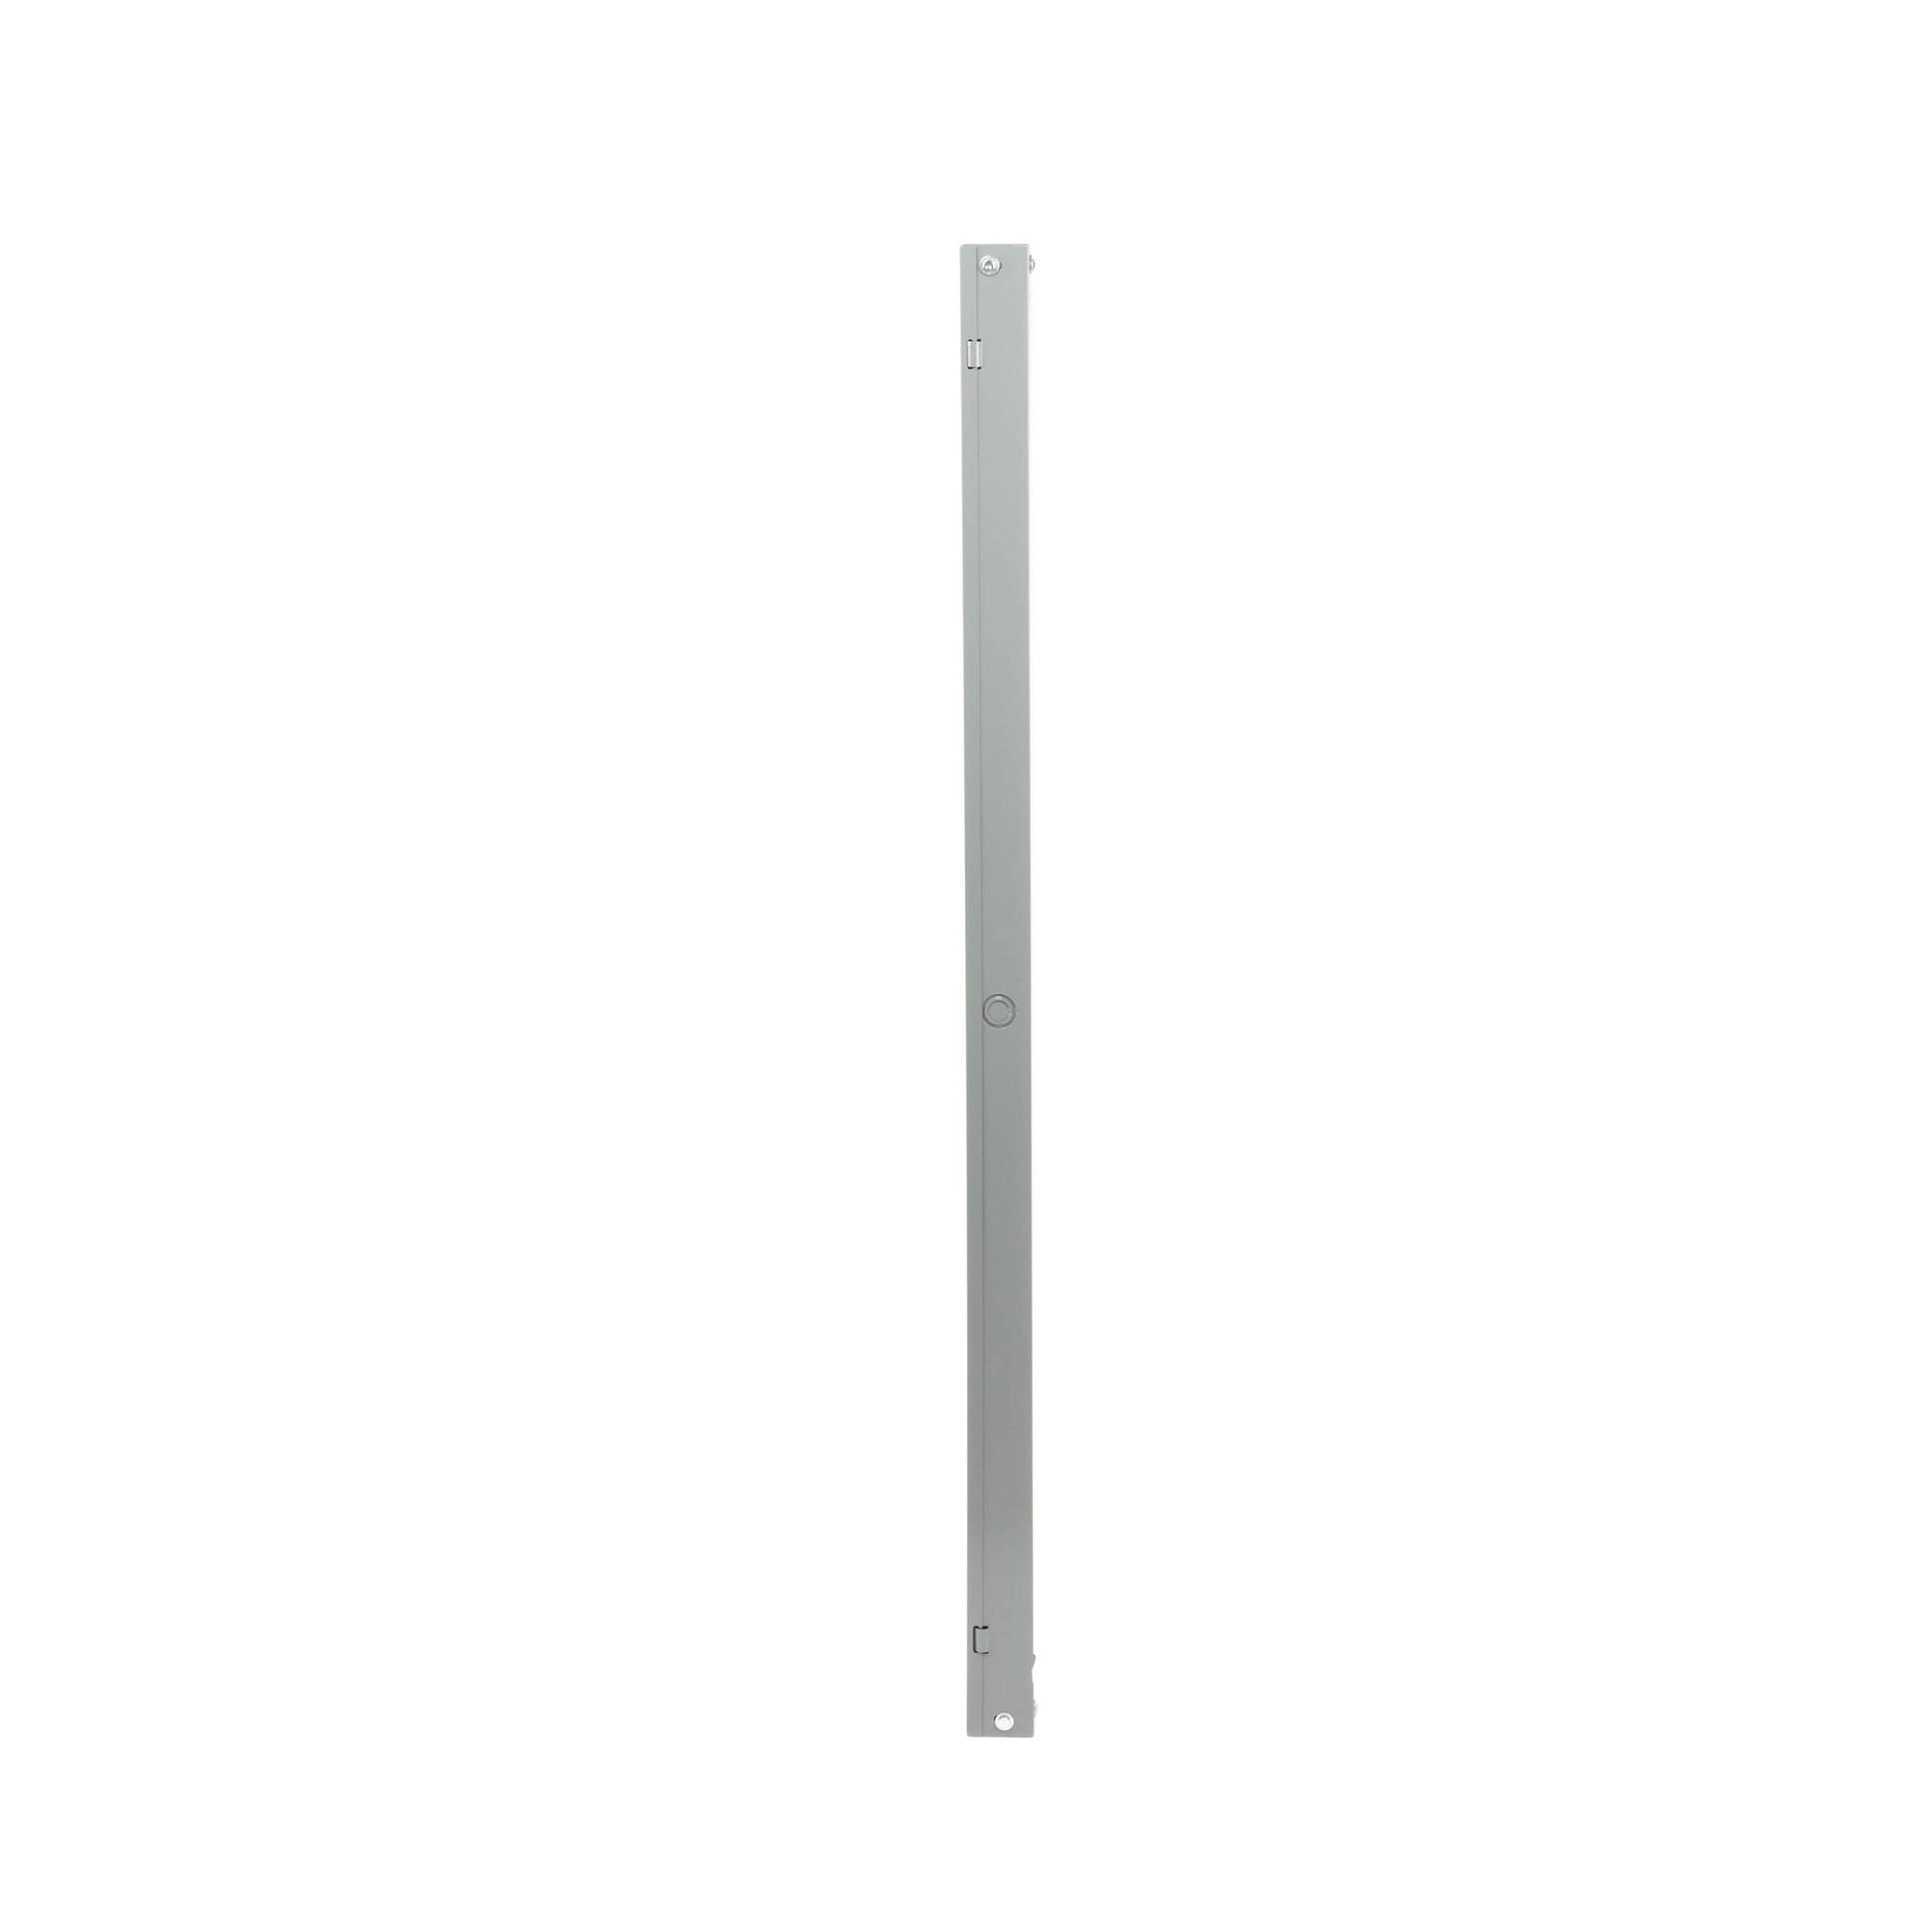 Ducto Cuadrado Embisagrado 10 x 10 cm, fabricado en lámina de acero al carbón, hasta 159 cables cat6, incluye cople con tornillería y 1 knock out por lado